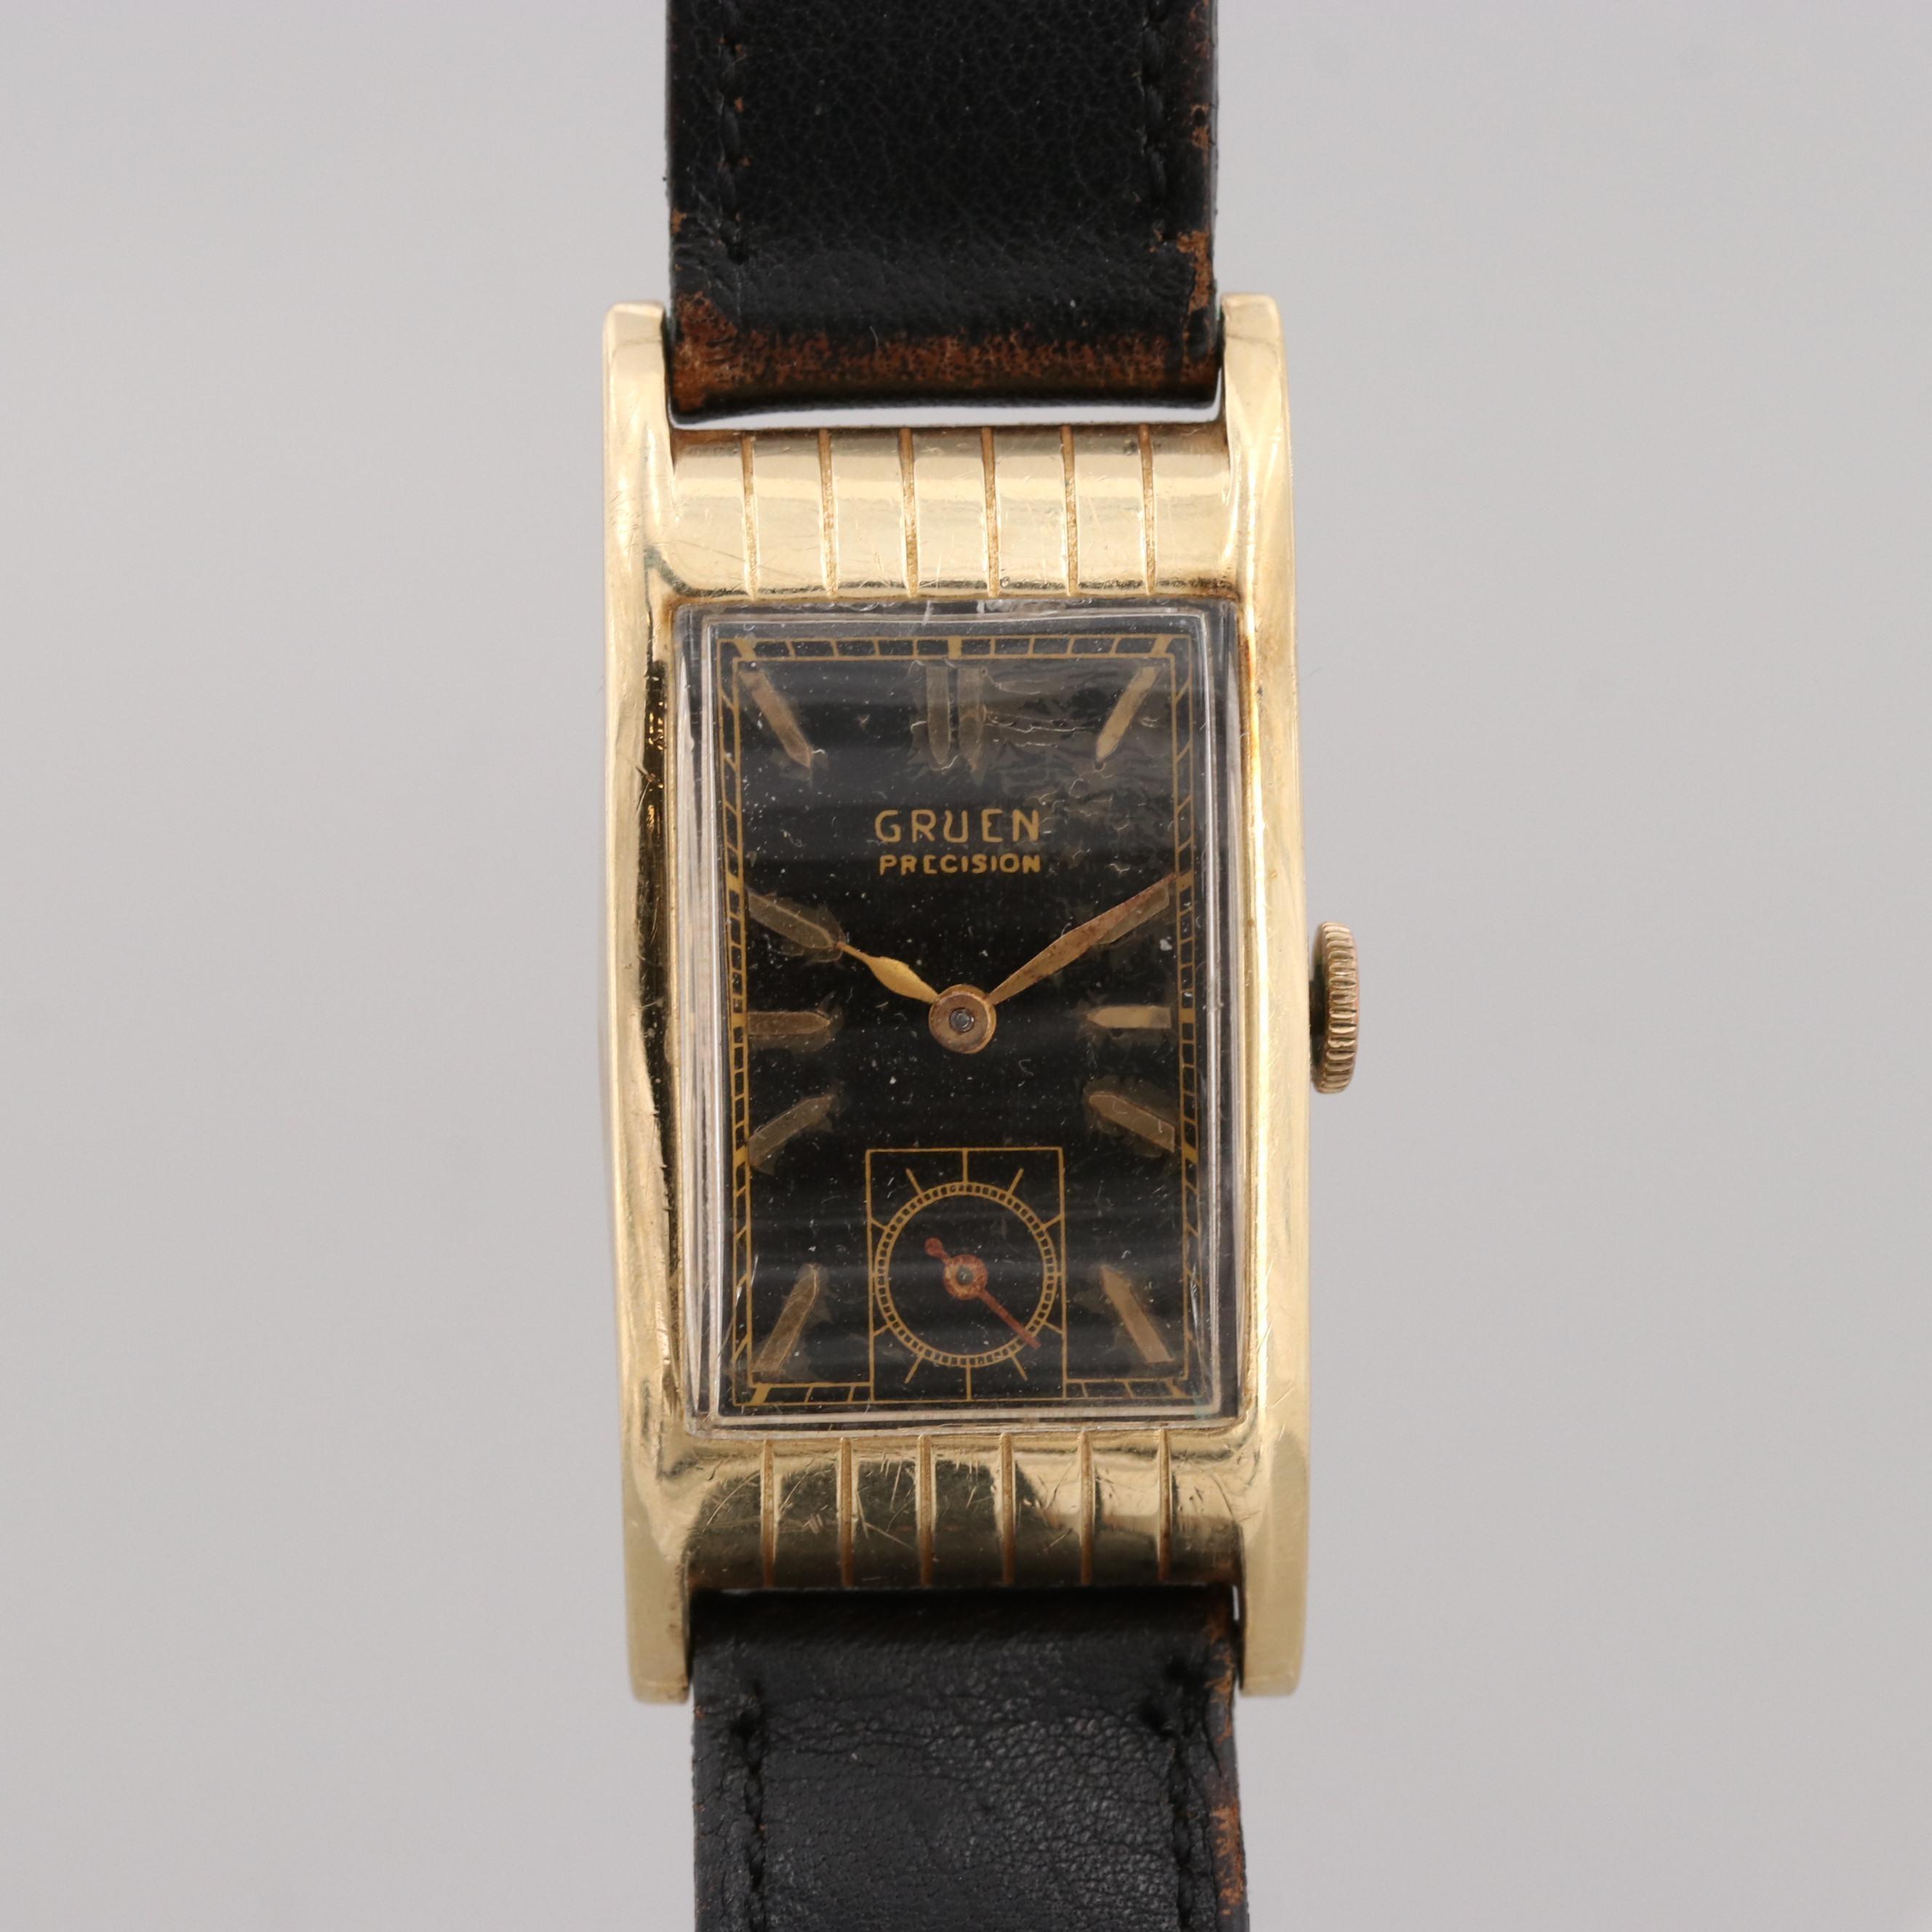 Vintage Gruen 14K Yellow Gold Stem Wind Wristwatch